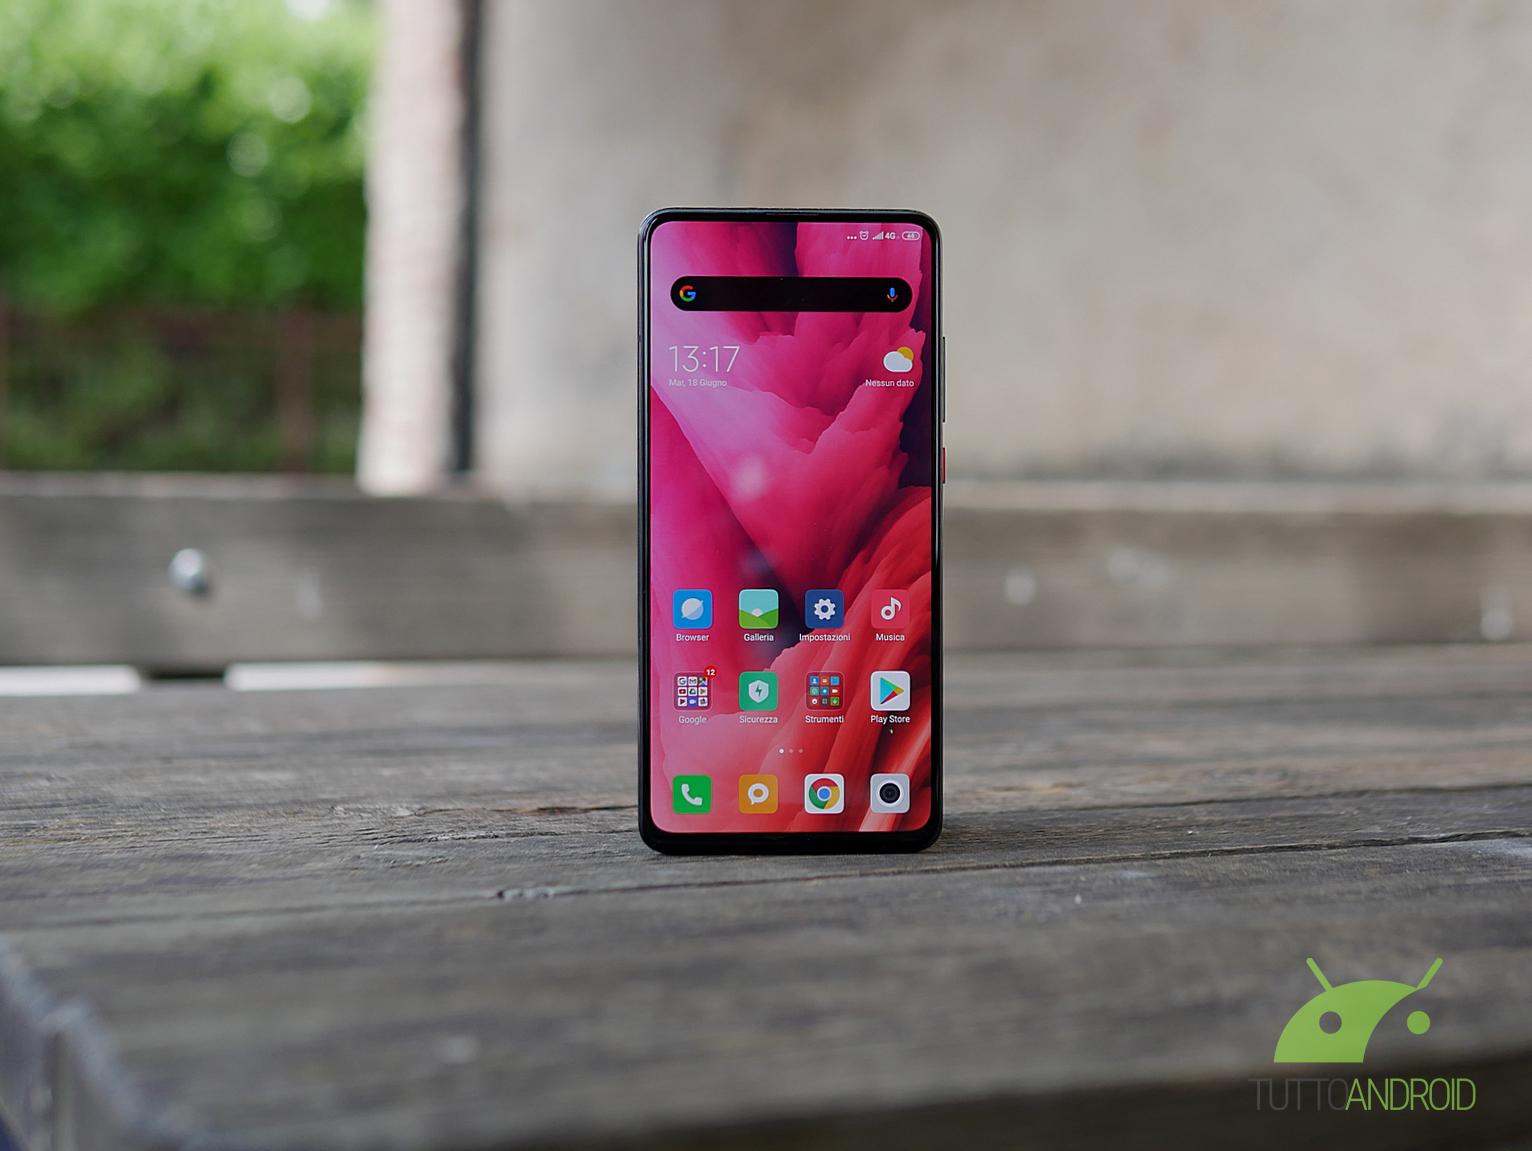 Xiaomi Mi 9T in offerta al super prezzo di 210 euro sul nego